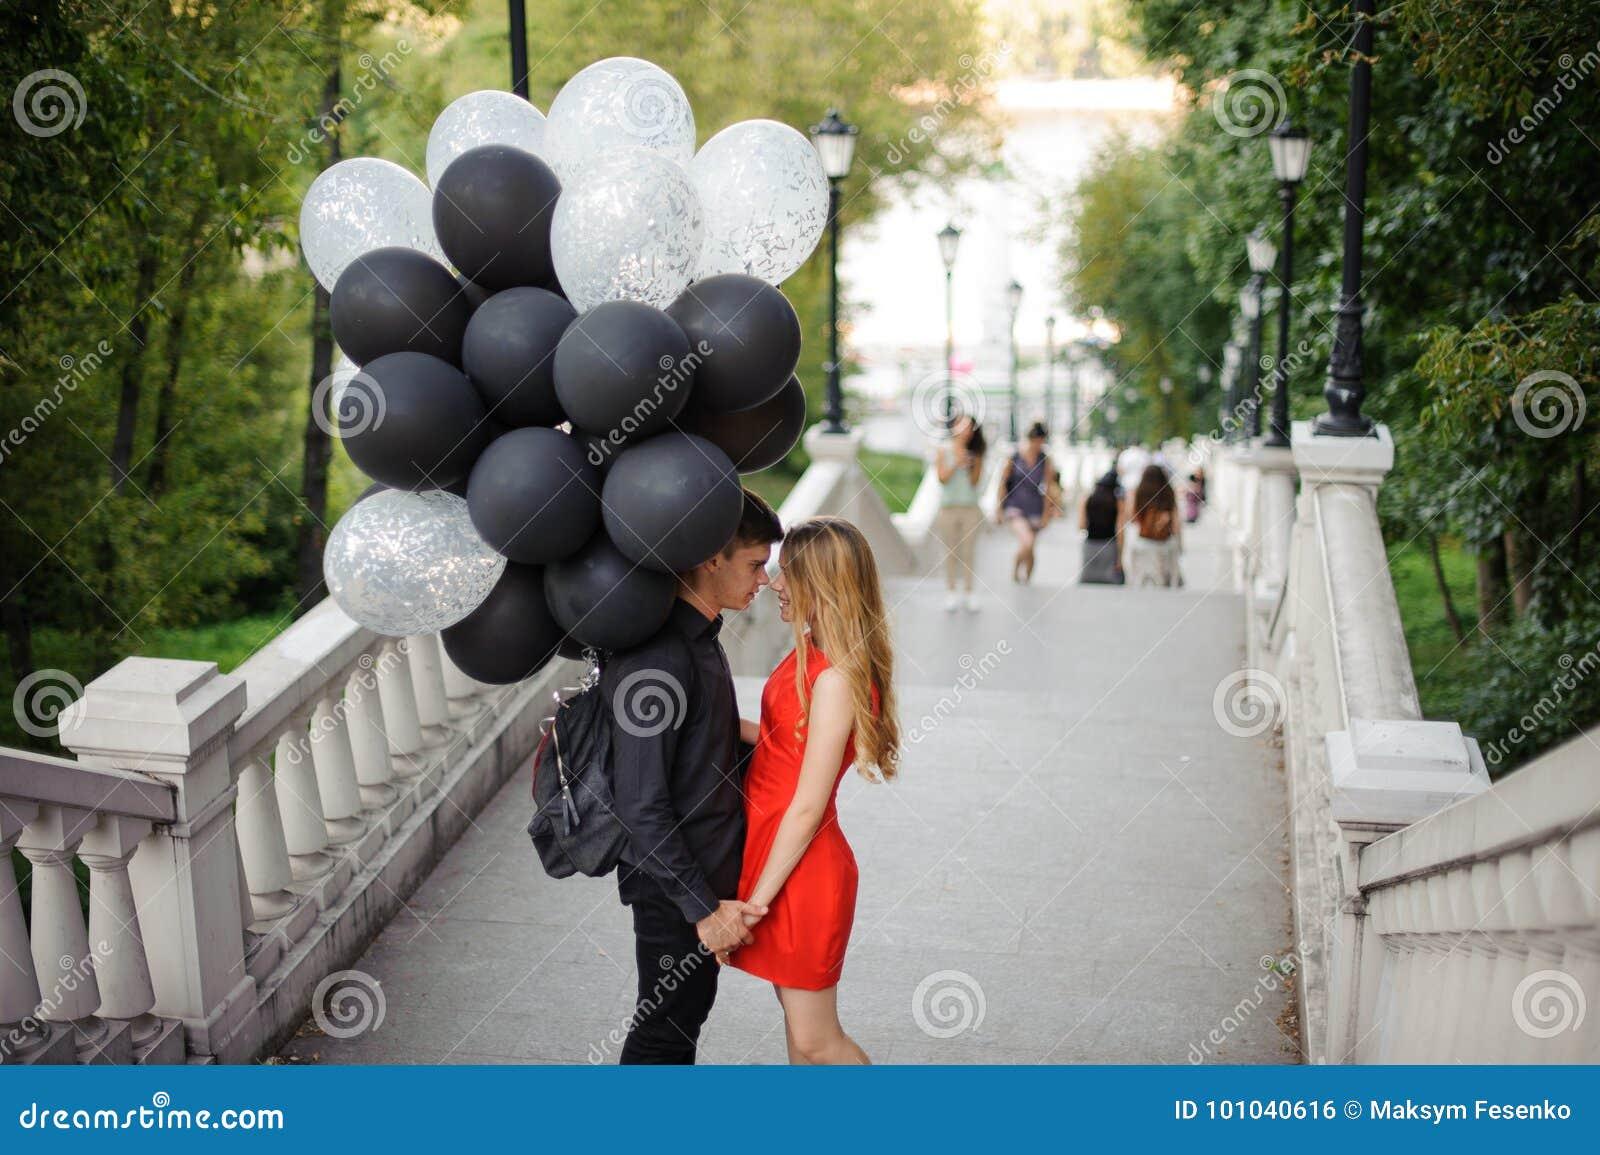 Histoire des couples affectueux, étant soulevée les escaliers